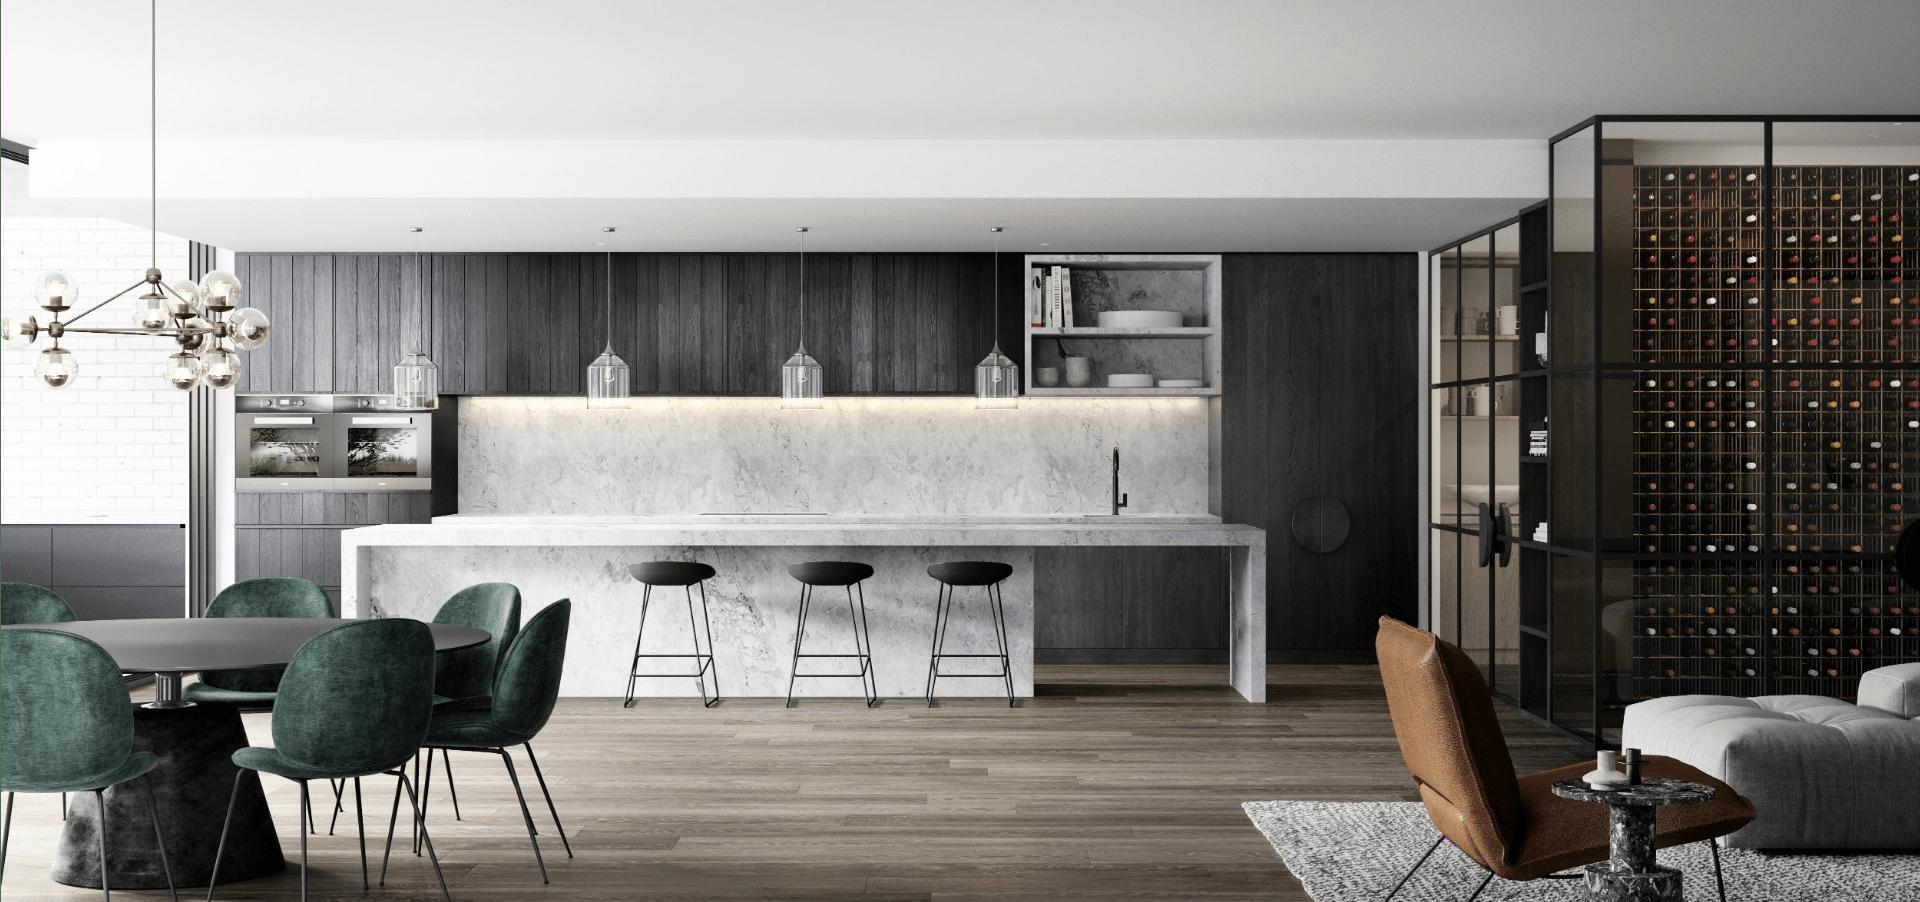 Luce Mckimm Elegant Kitchen Design Apartment Architecture Modern Kitchen Bar